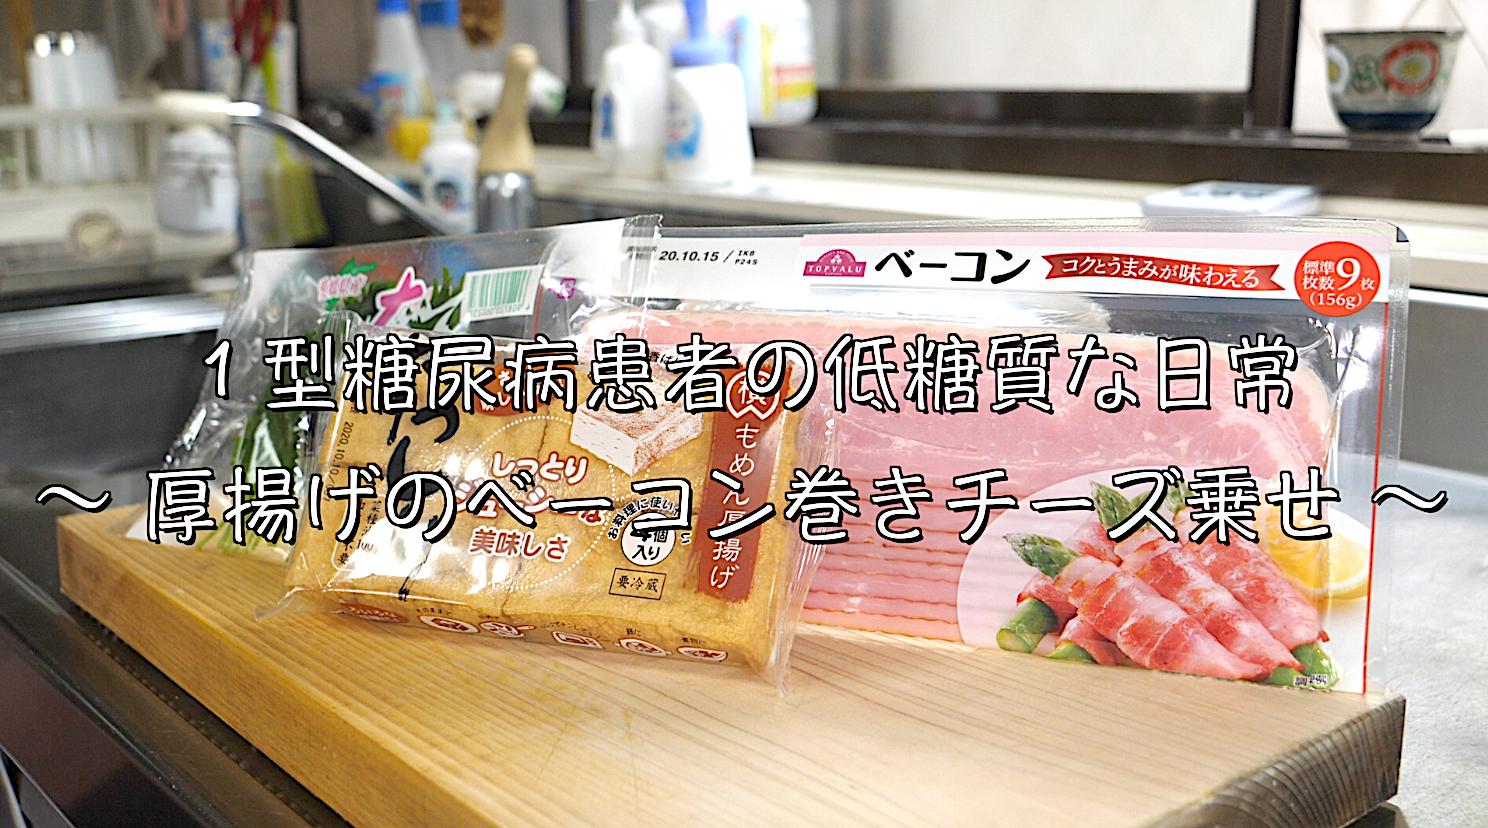 厚揚げ ダイエット 糖質制限 レシピ